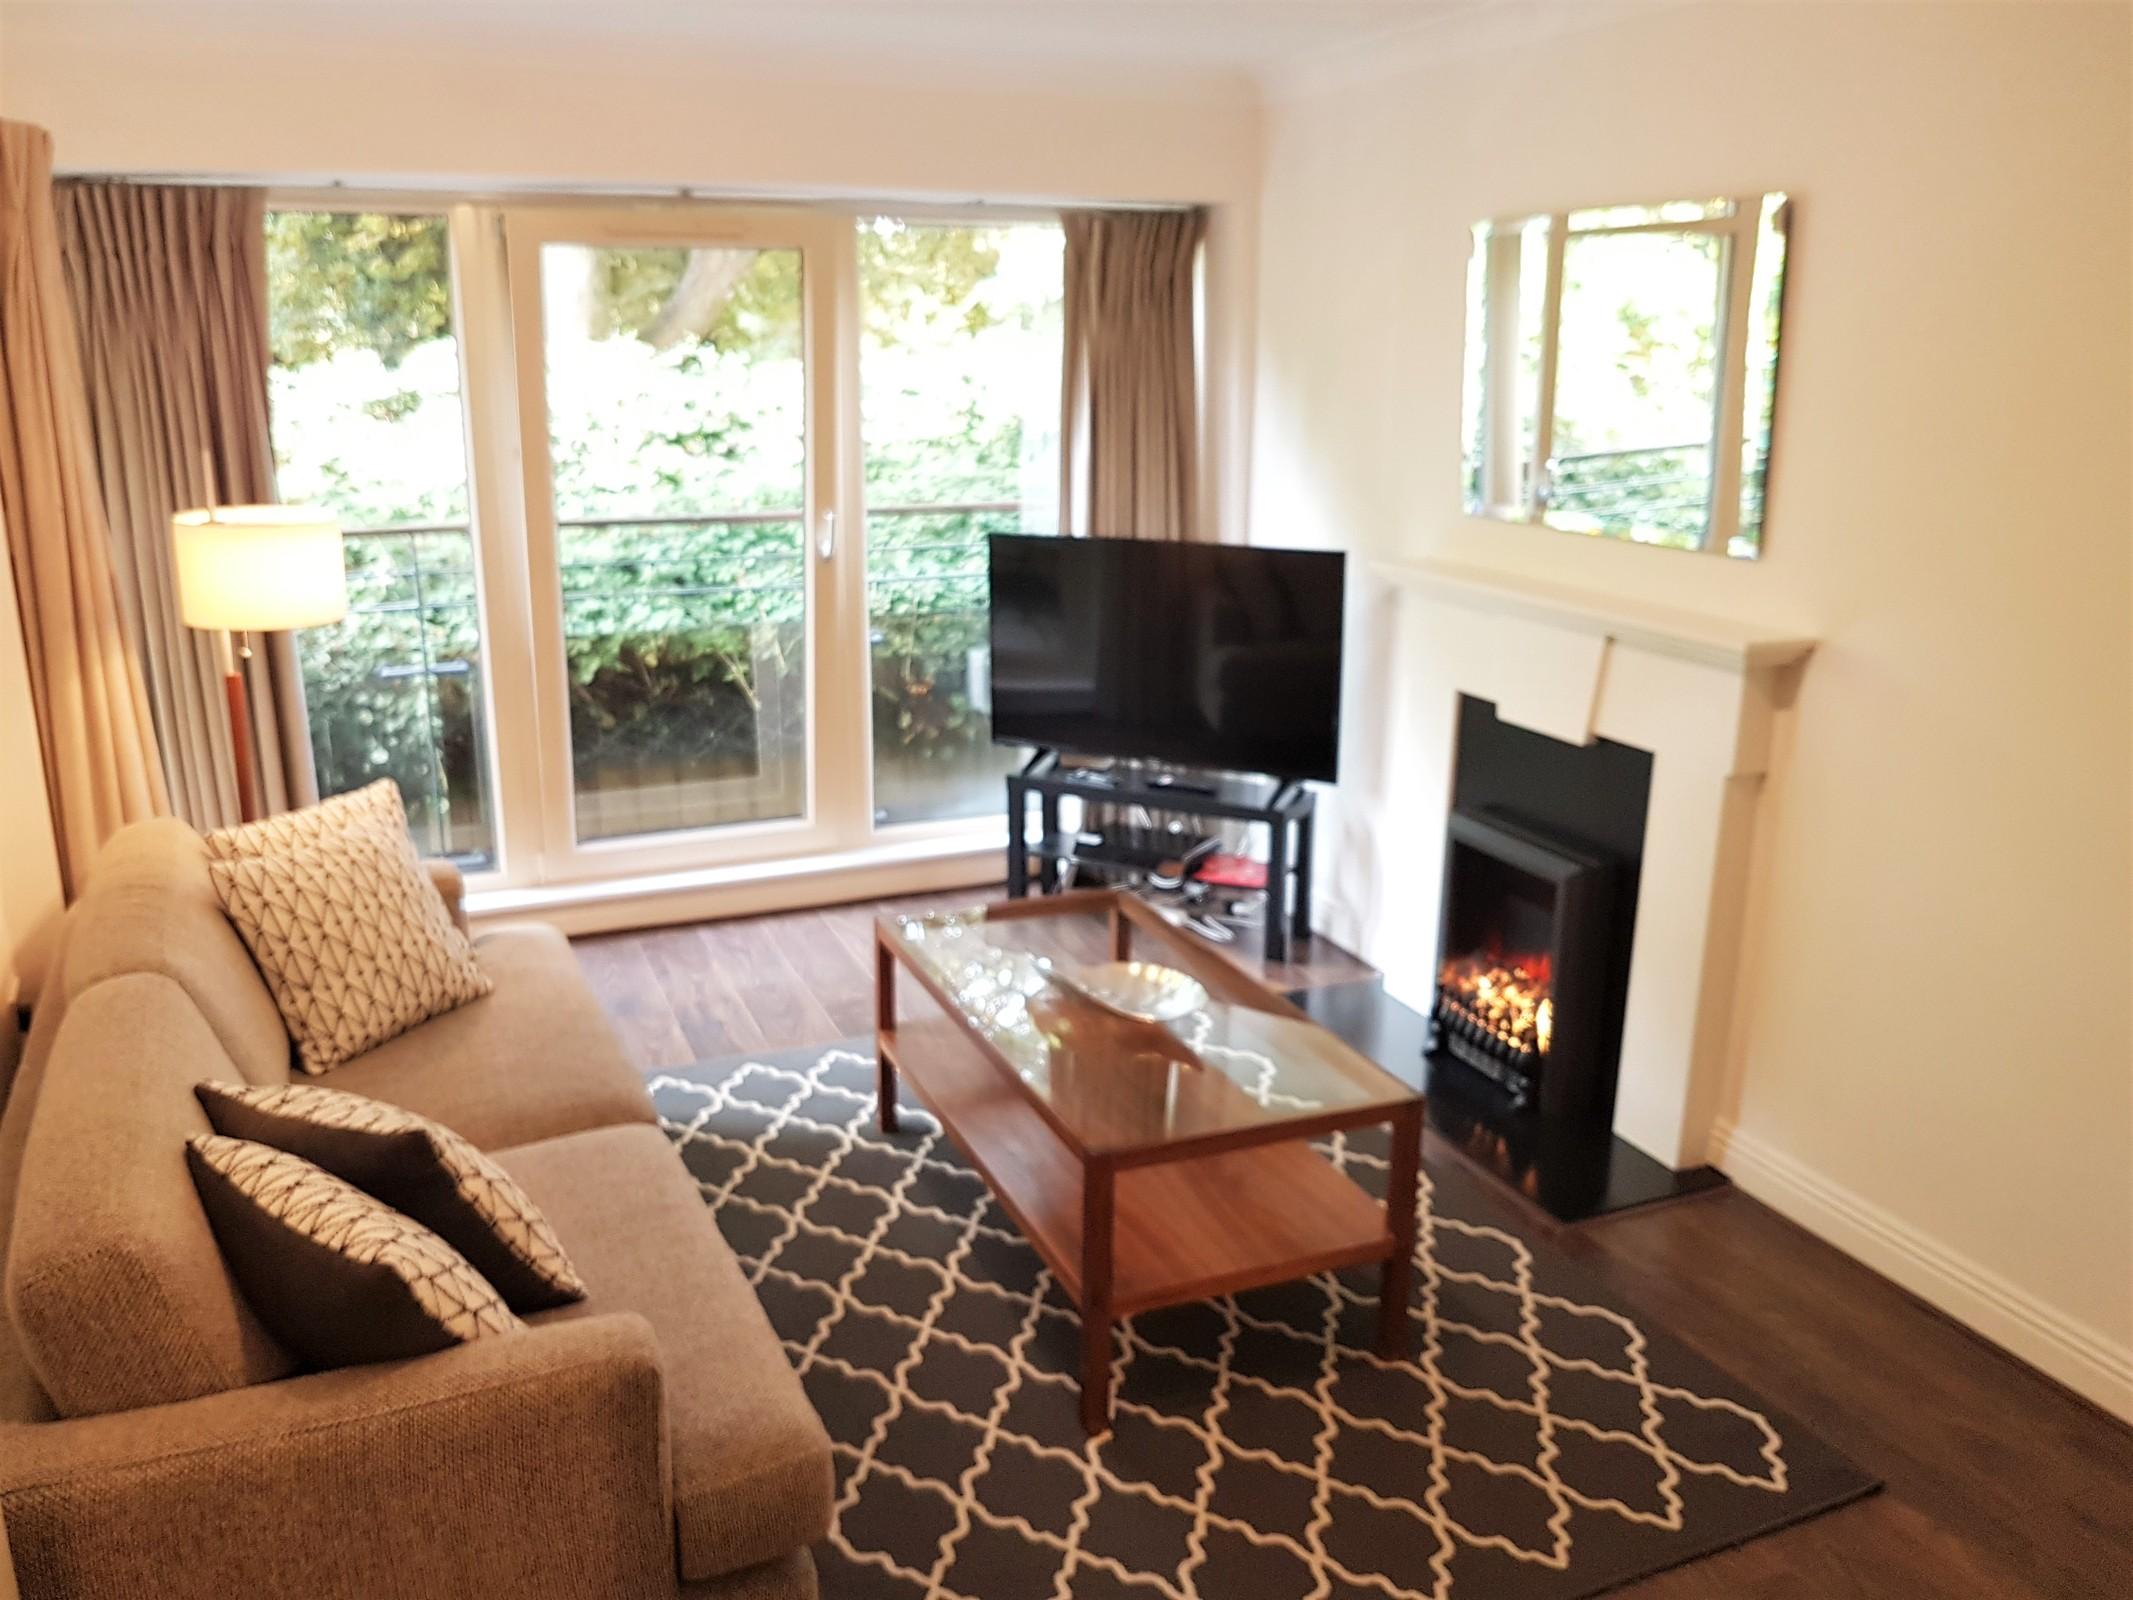 Apartment 17, The Pines, Herbert Park Lane, Ballsbridge, Dublin 4